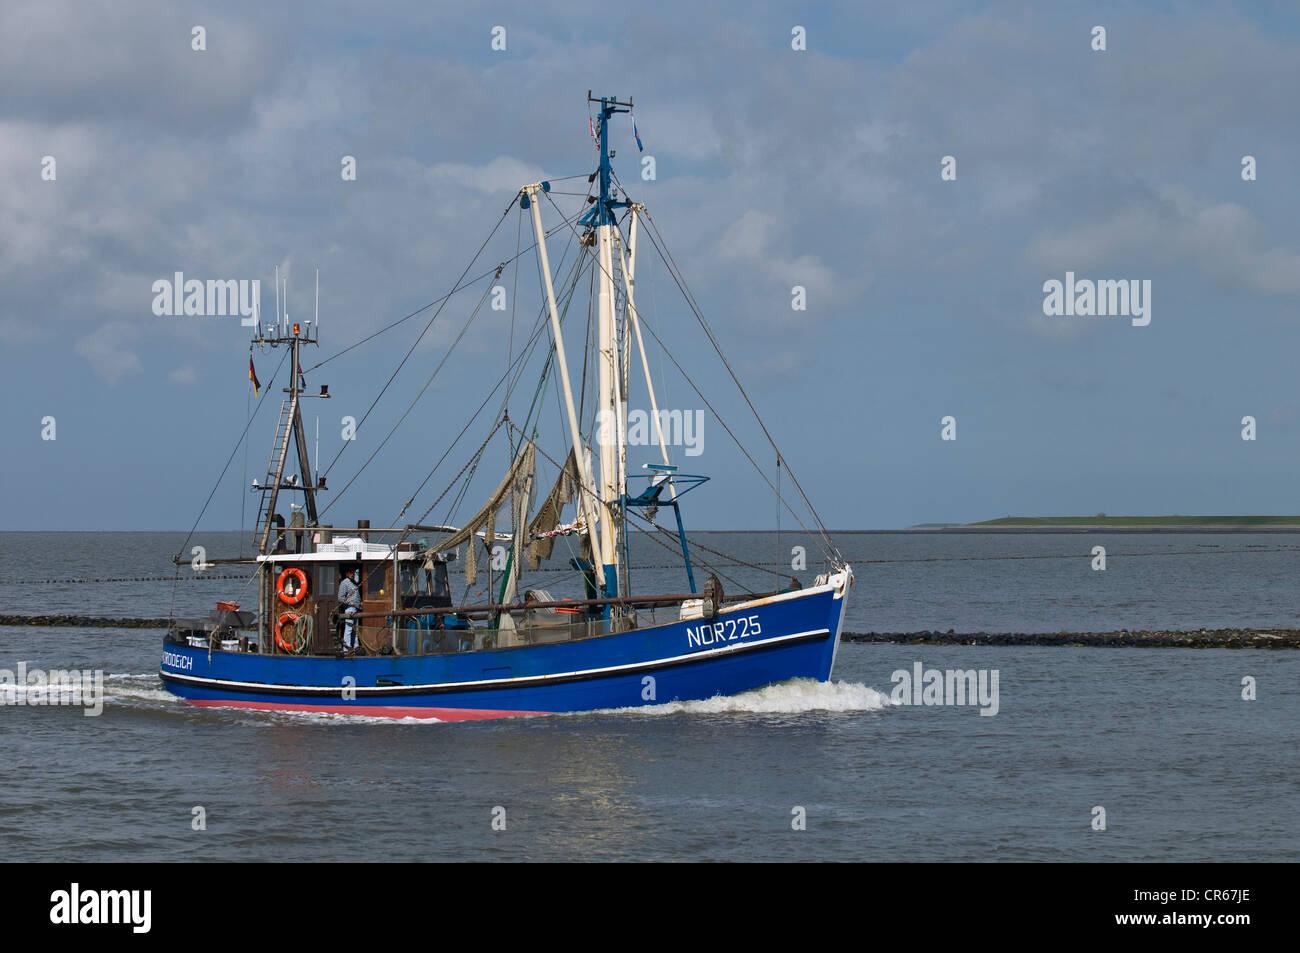 Blaue Krabbe Fischerboot, NOR 225, Rückkehr in den Hafen von Norddeich nach Fischen, Lower Saxon Wattenmeer Stockbild